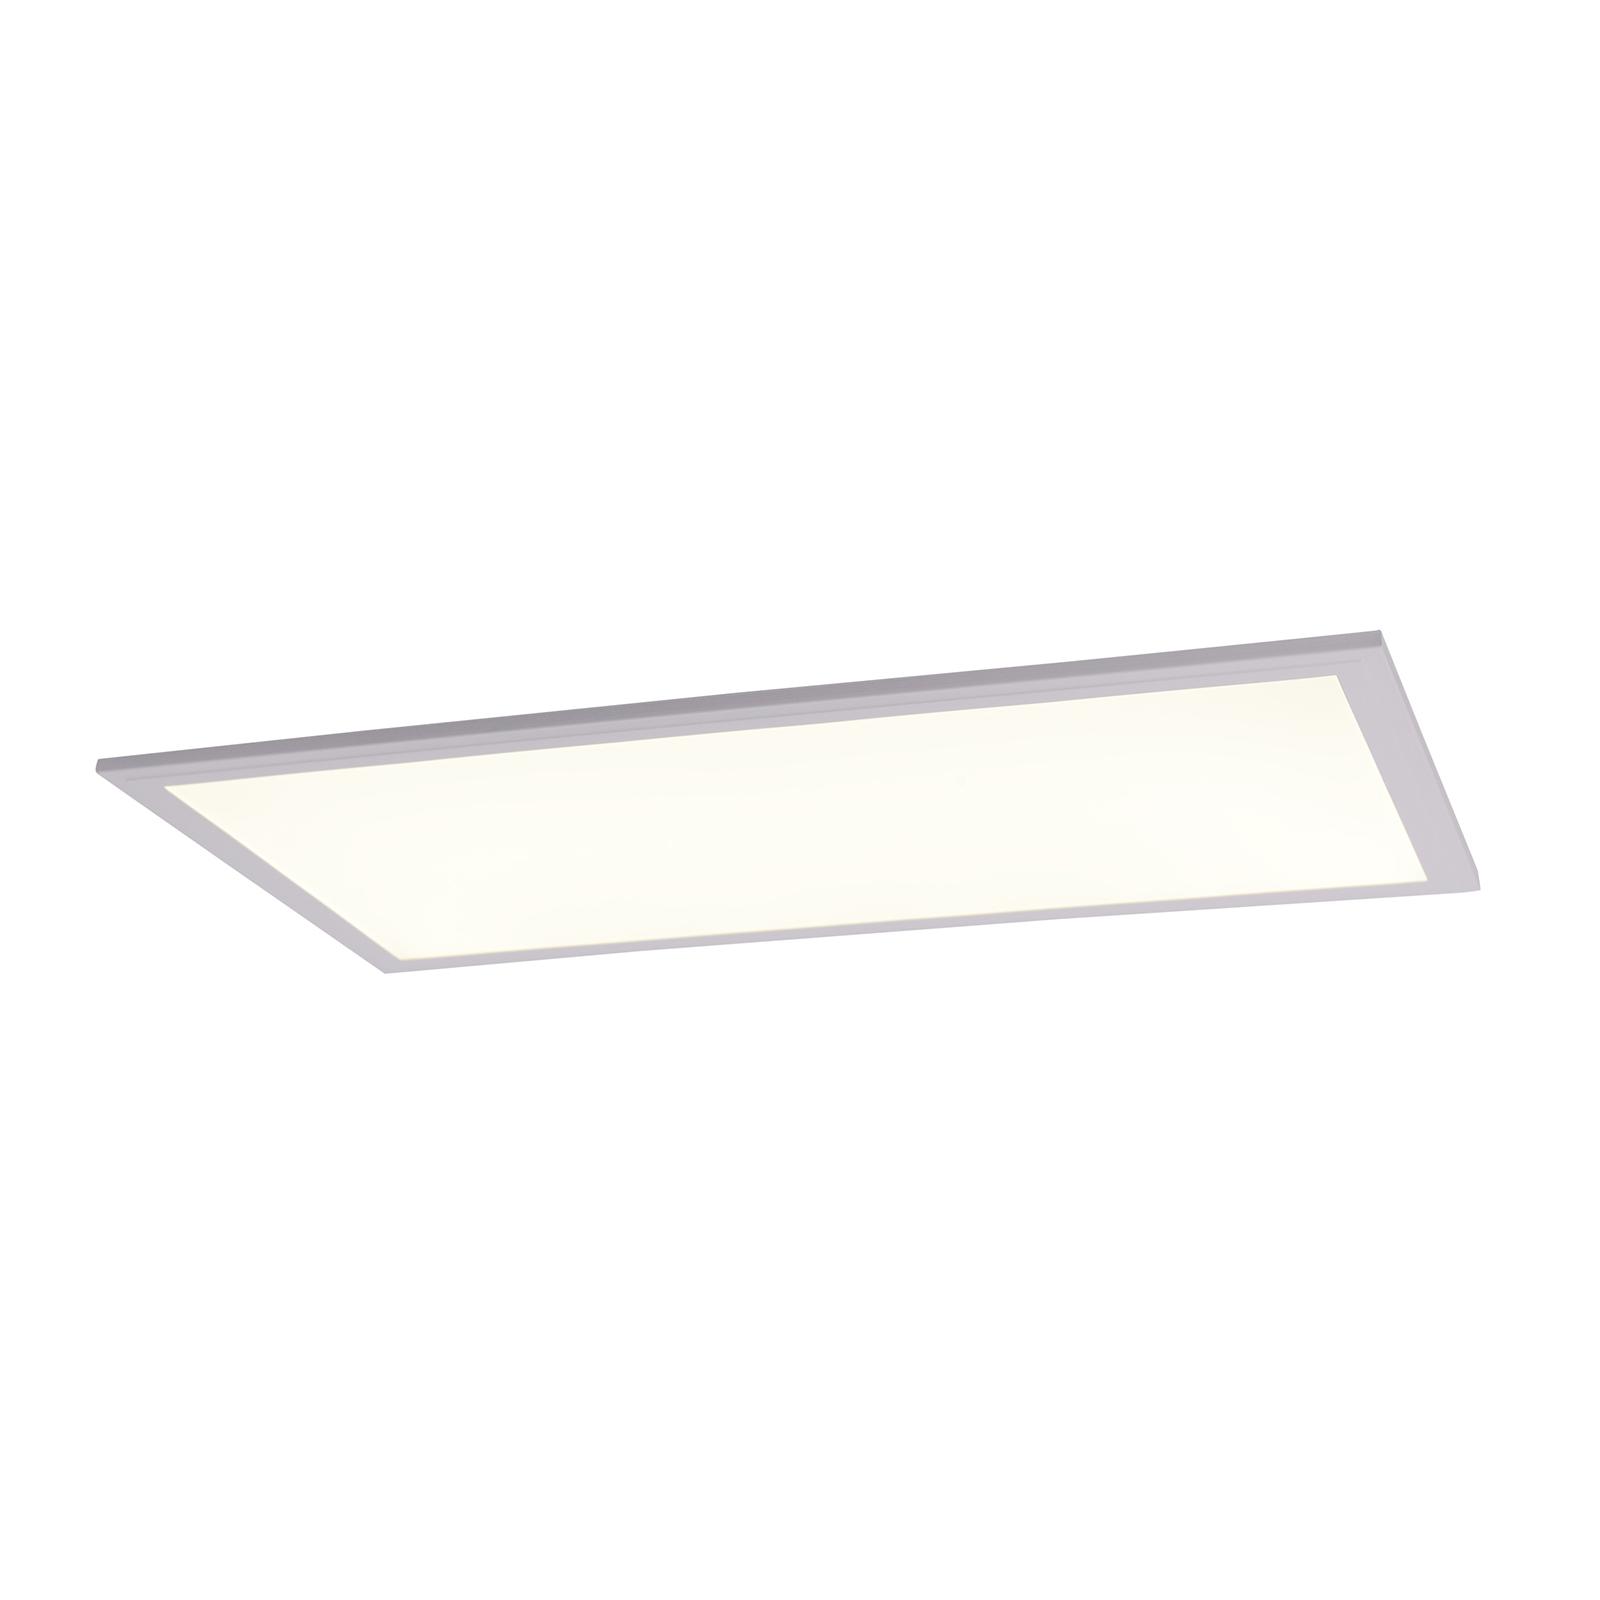 LED-paneeli 1298003 uppo- tai pääliasen., 60x30 cm